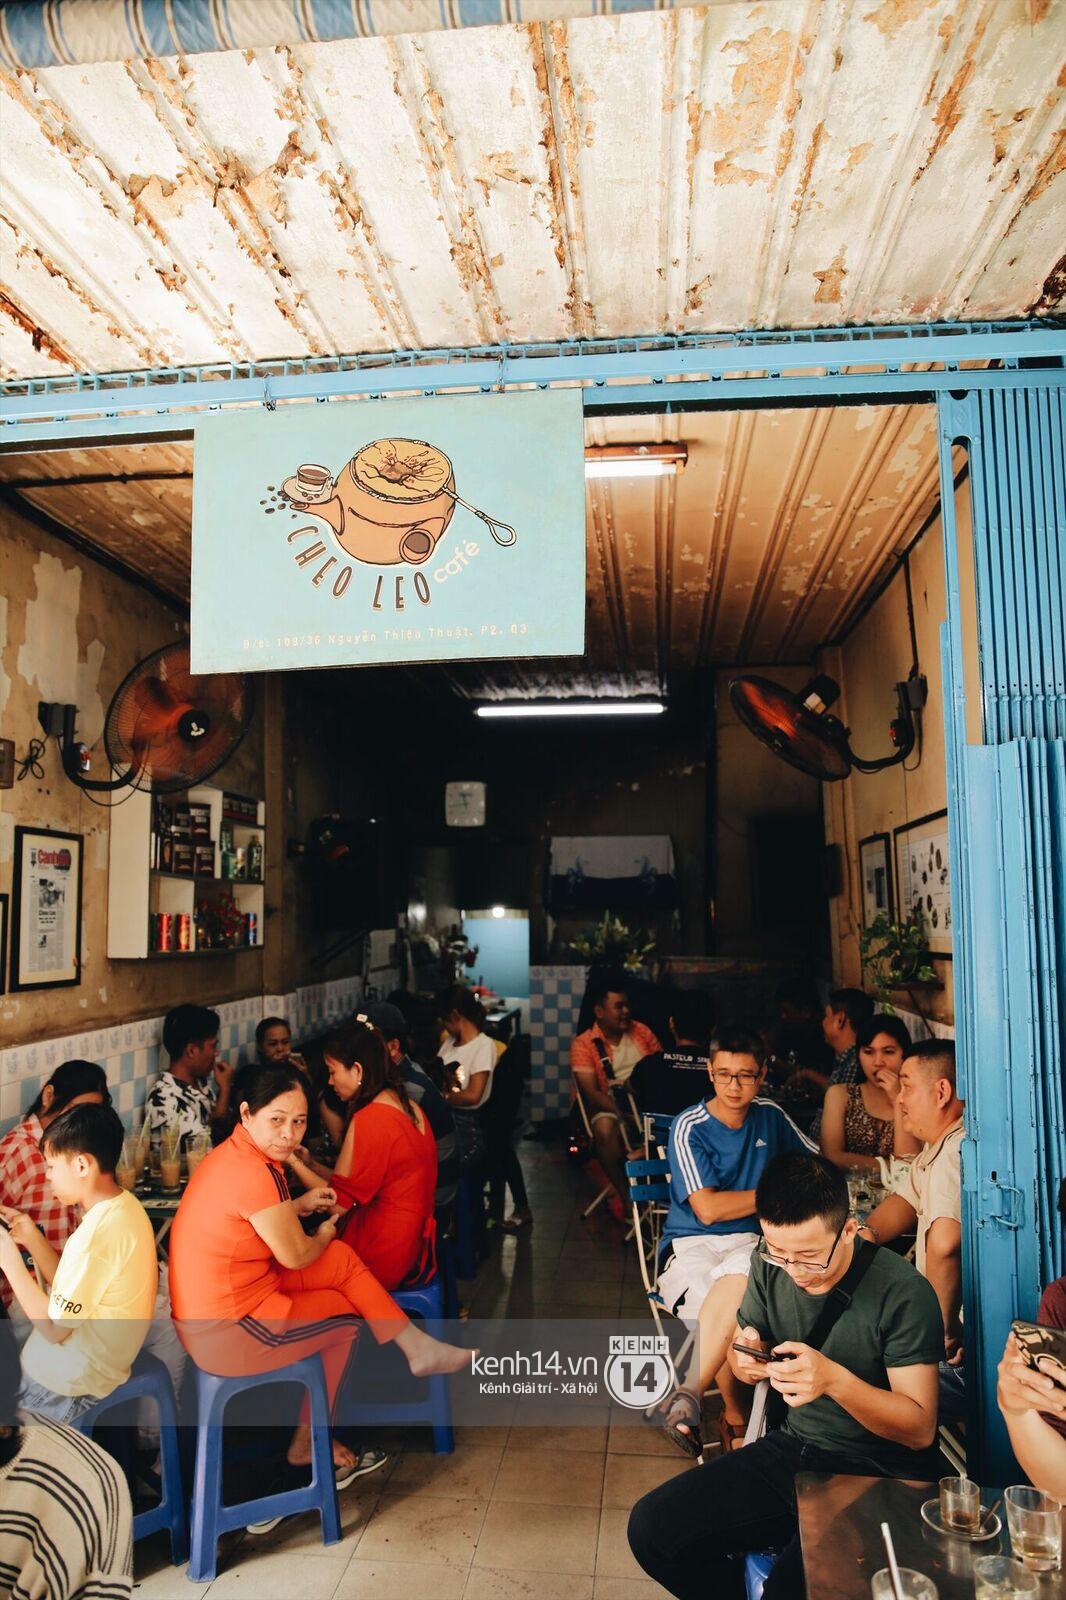 Không khí nhộn nhịp ngày đầu năm tại quán cafe vợt lâu đời nhất Sài Gòn, gần 80 năm chỉ nghỉ đúng ngày 30 Tết - Ảnh 5.